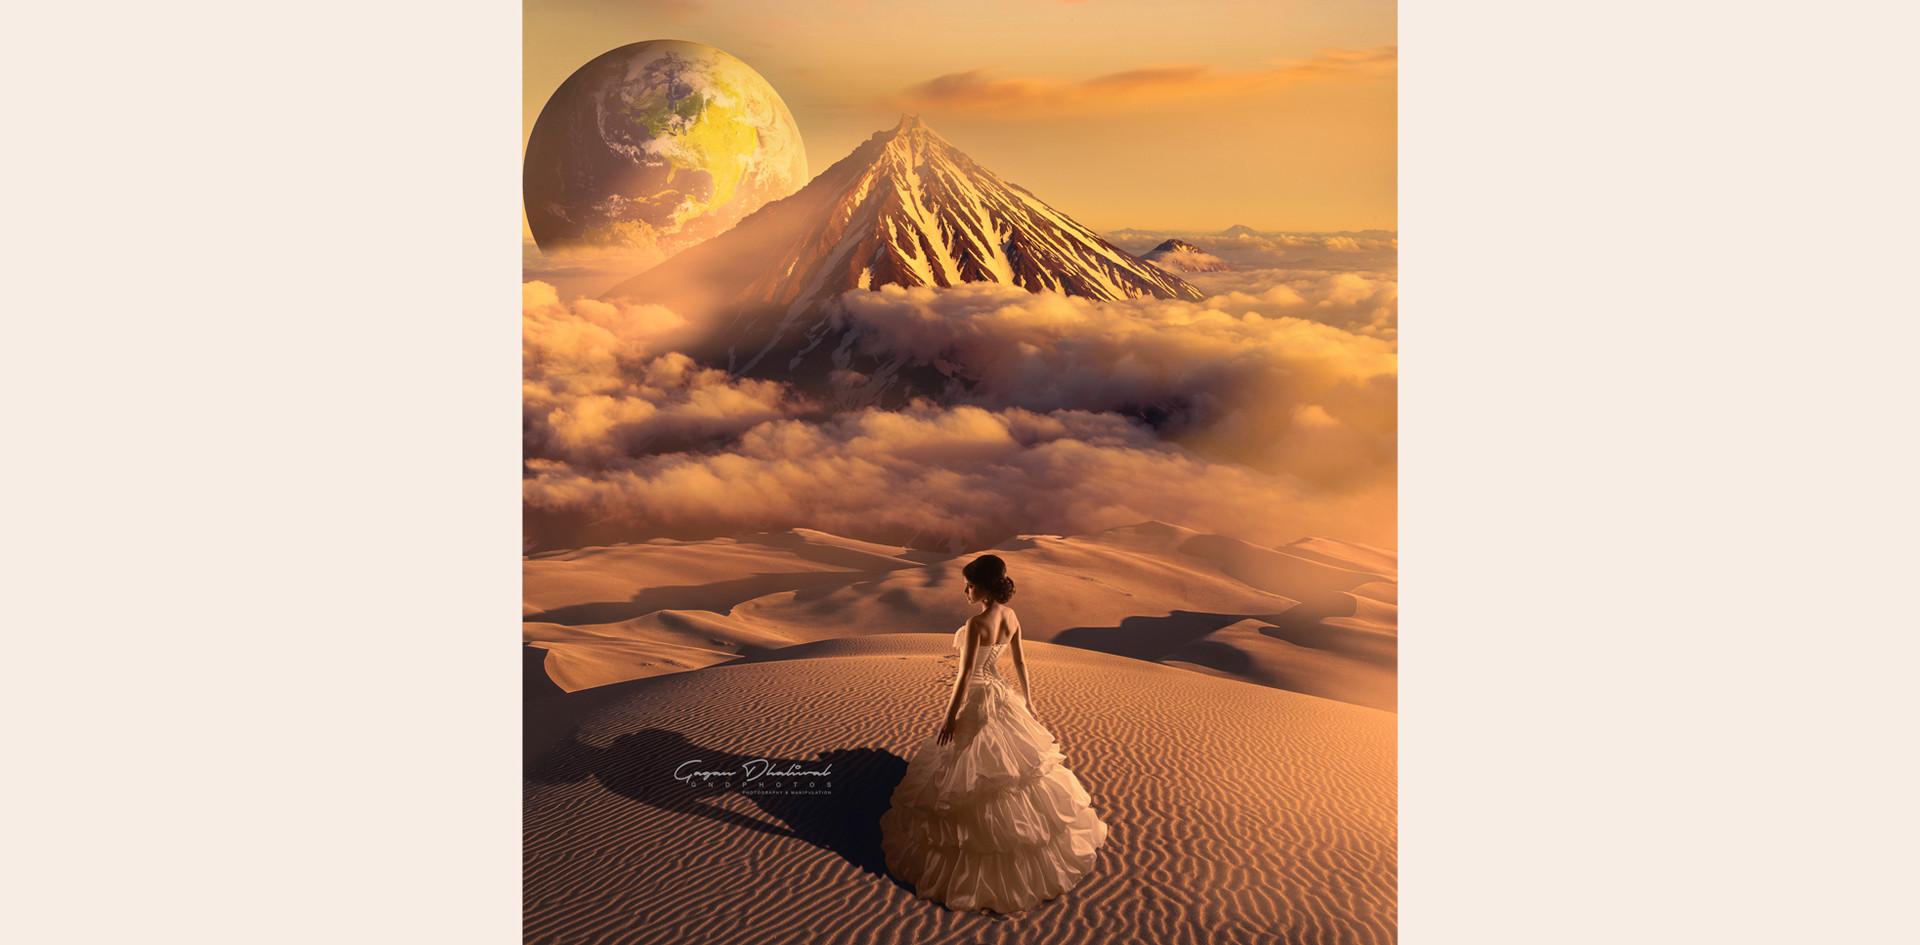 bridaldesert-gallery.jpg